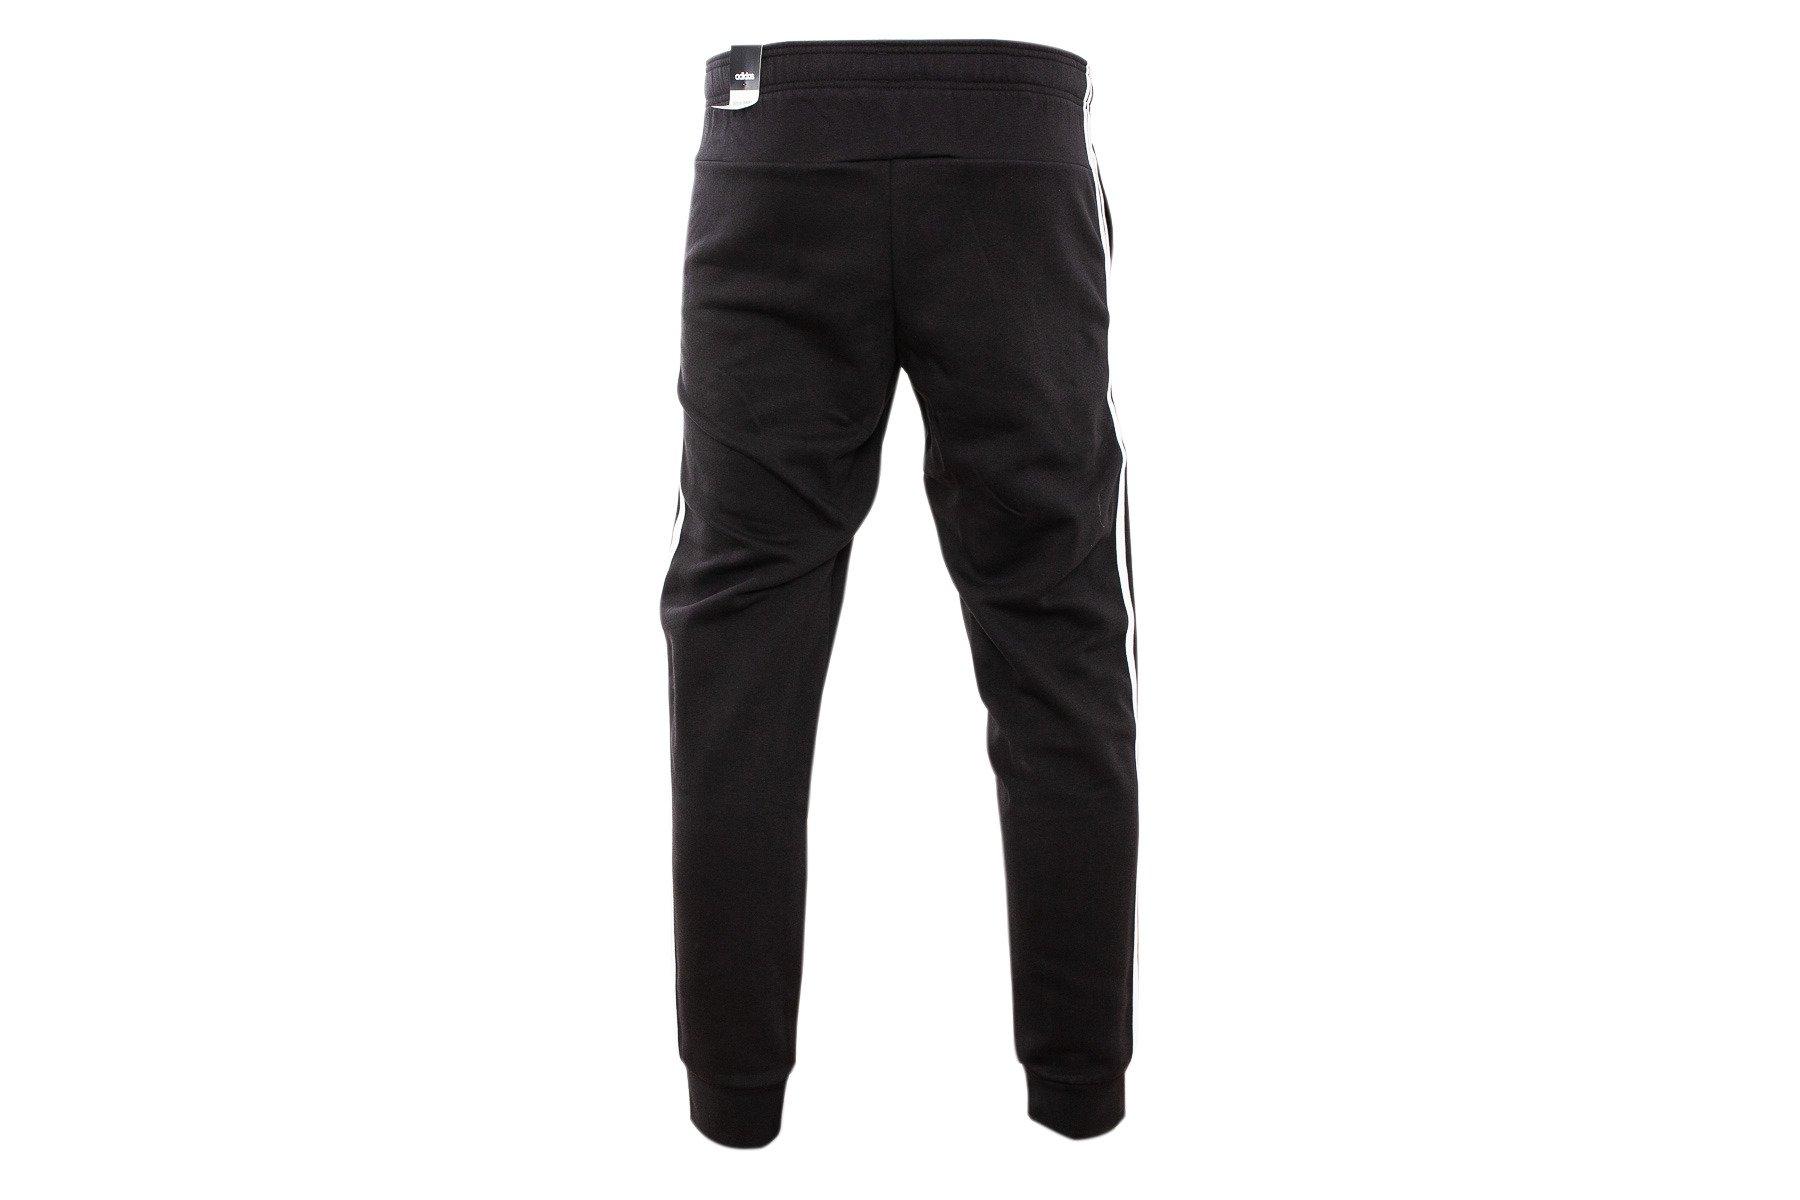 Spodnie Adidas bawełniane męskie czarne roz. M XL XXL